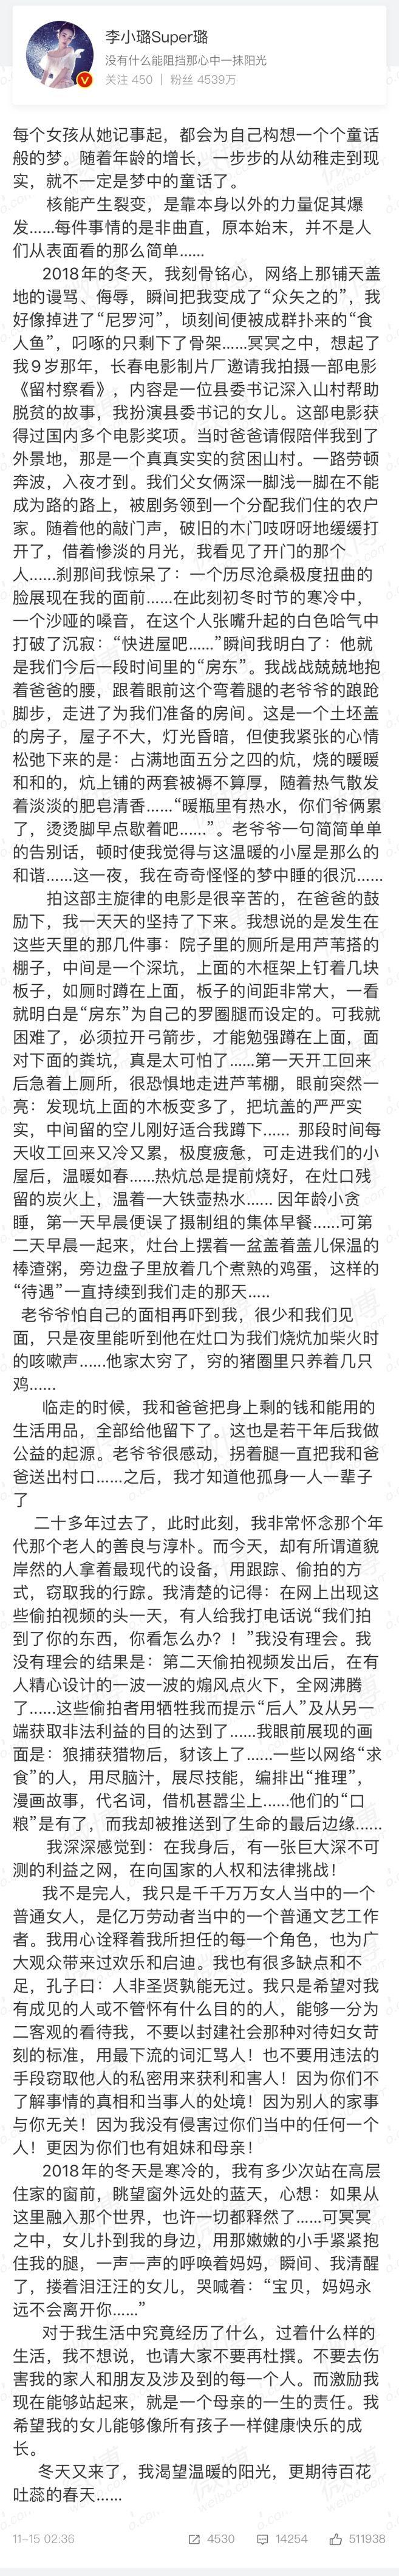 李小璐凌晨发长文谈离婚风波:曾想过自杀,因为女儿放弃